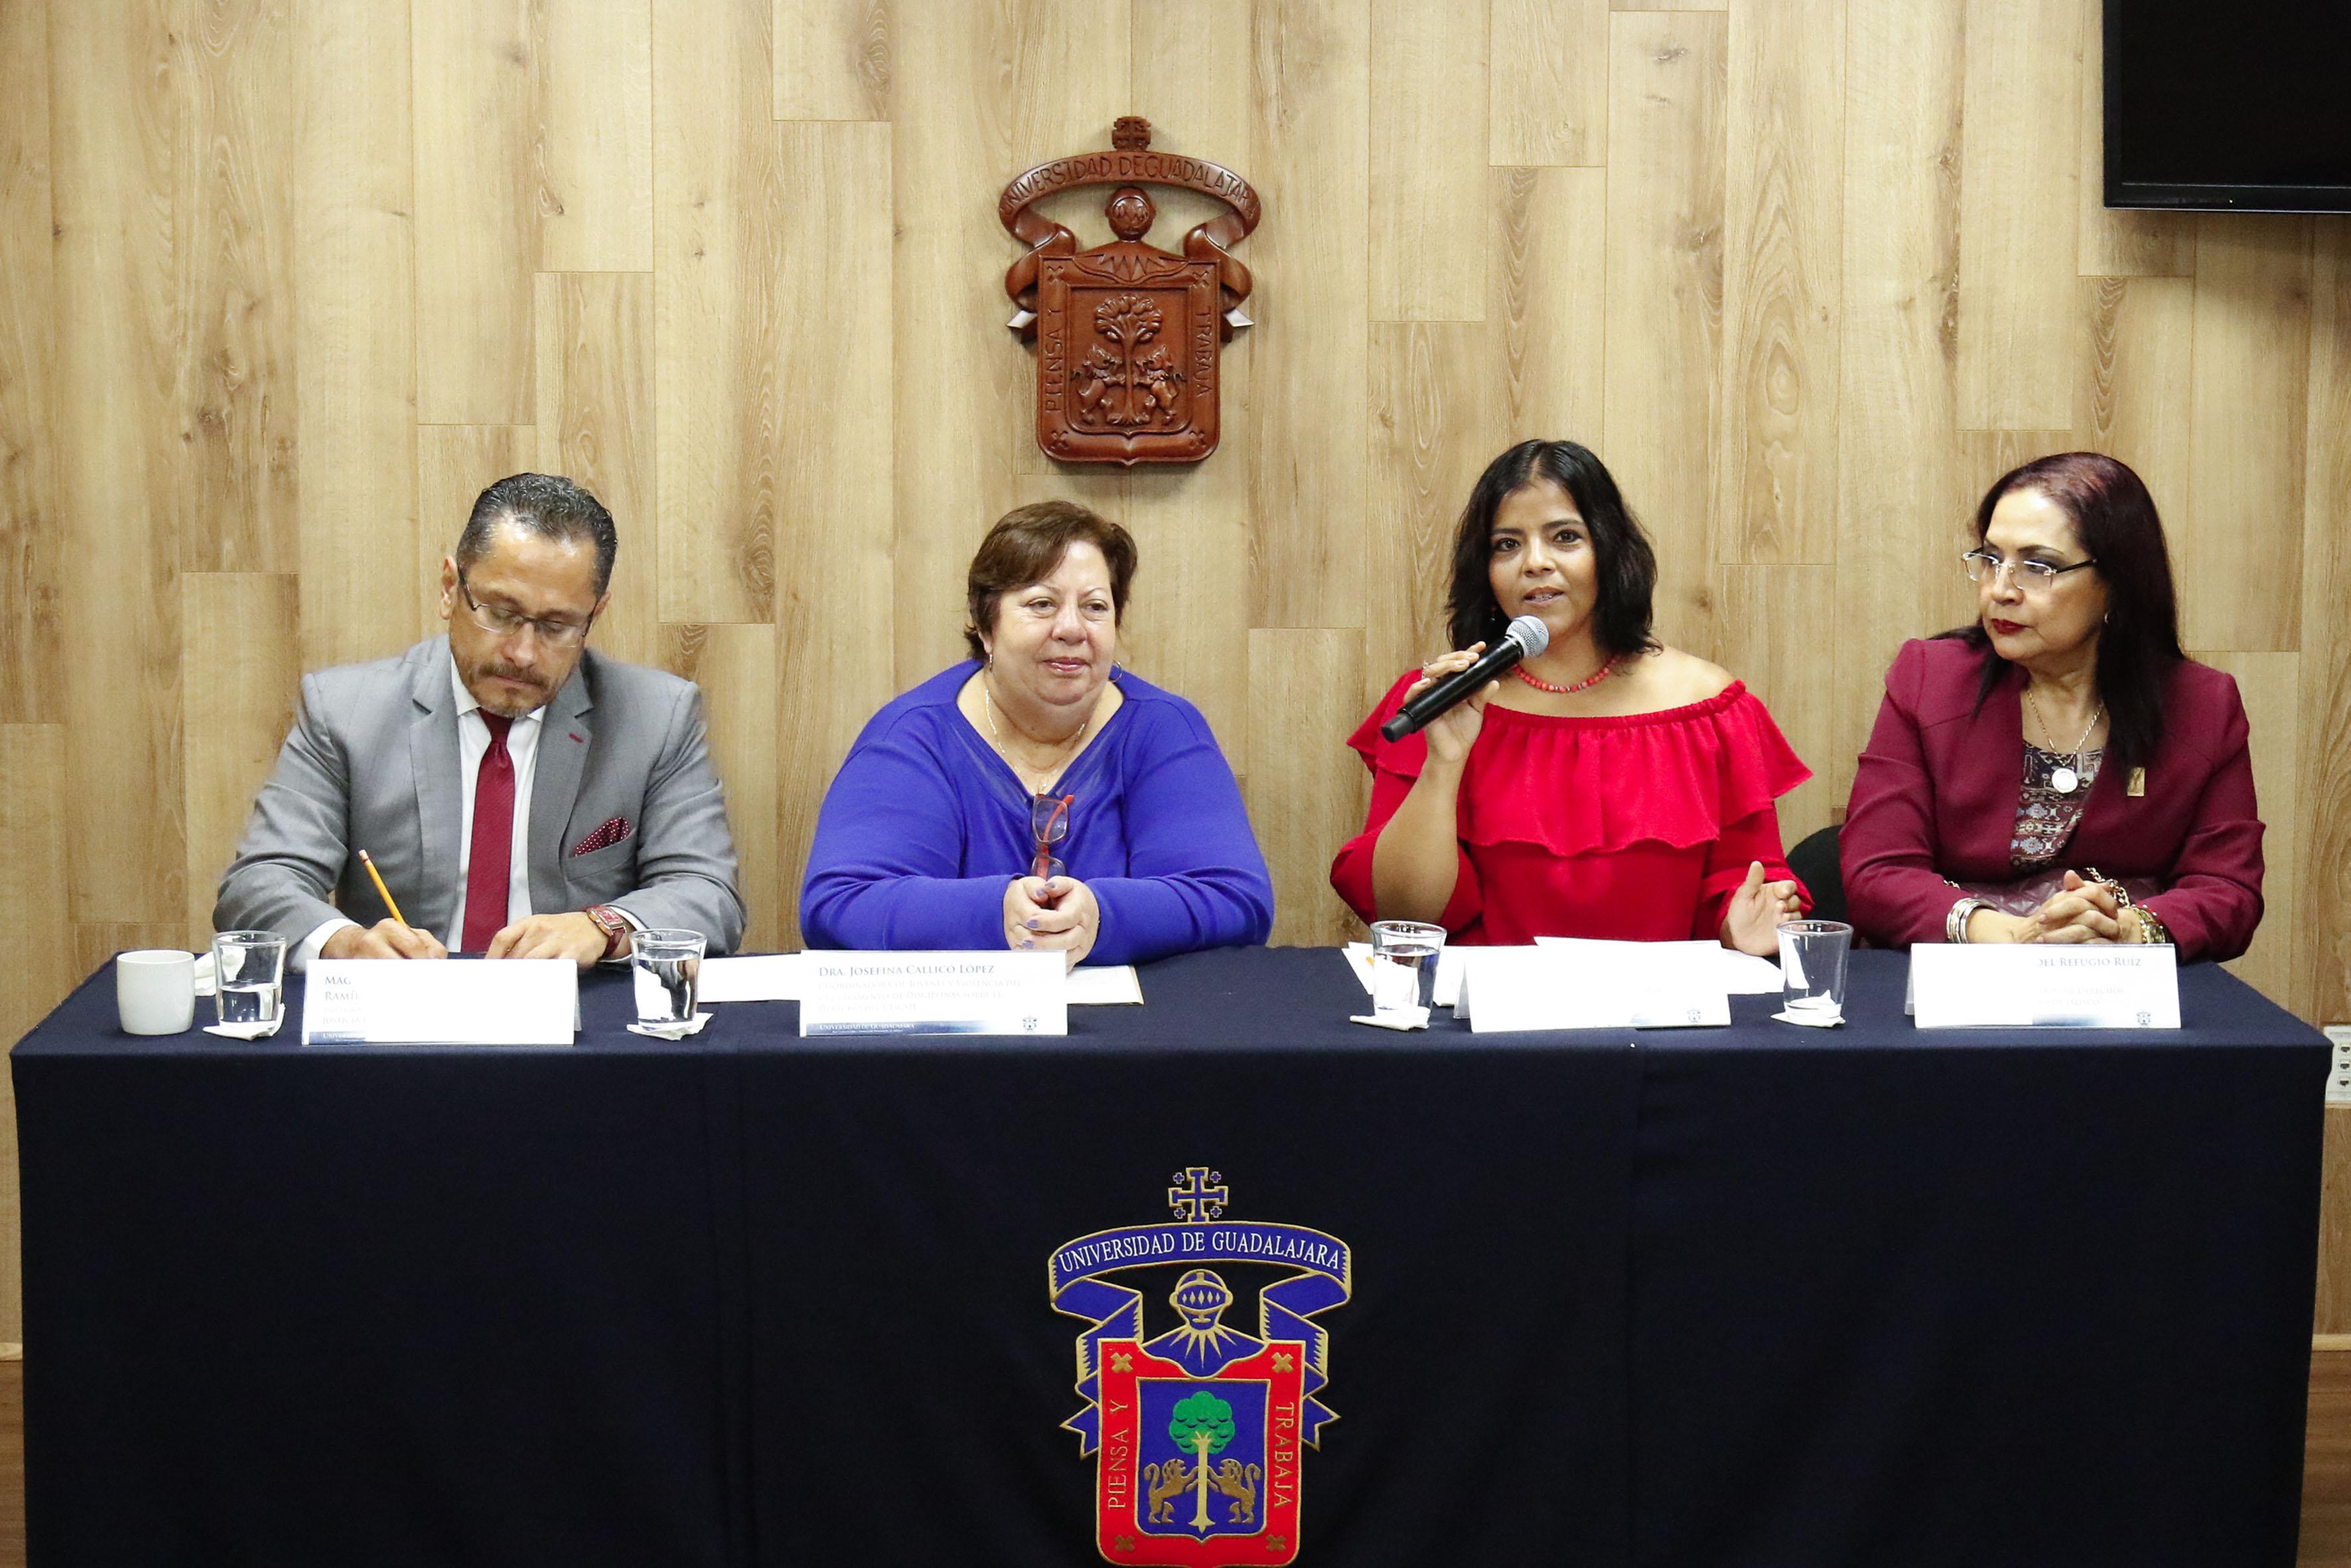 Rueda de prensa para anunciar el foro para analizar la violencia en Jalisco y el involucramiento de los jóvenes en actividades criminales en el  CUCSH